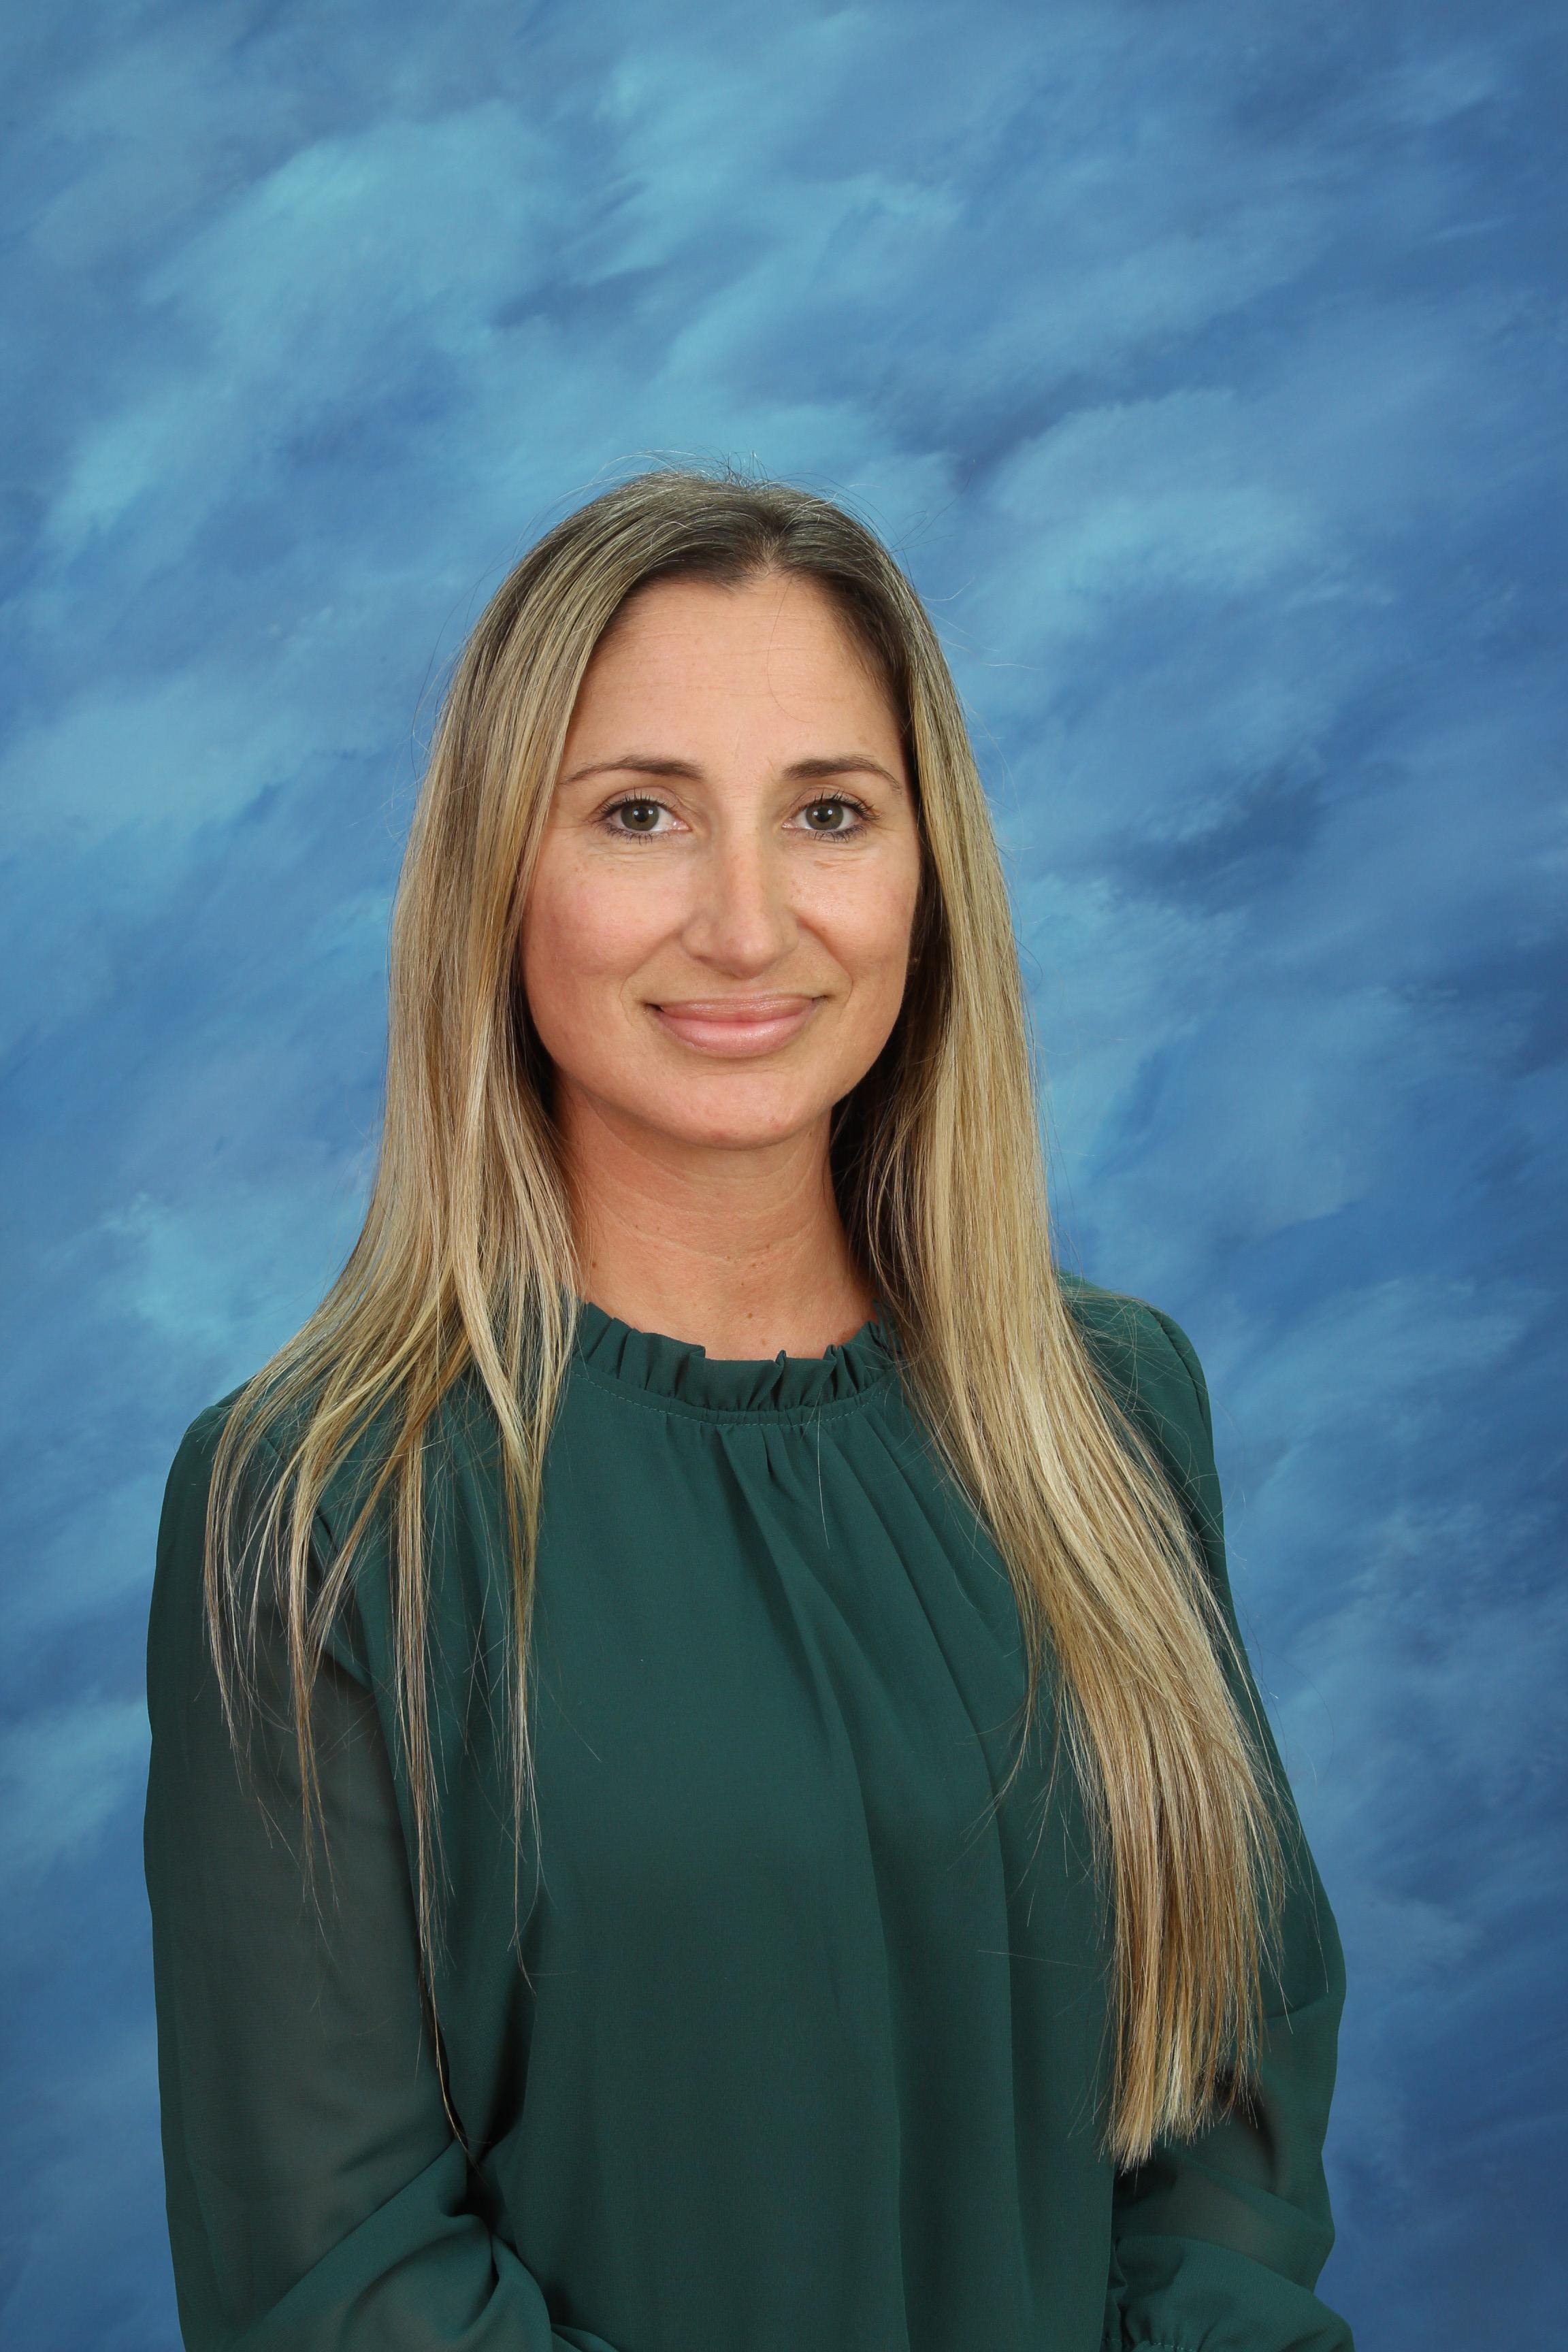 Yvette (Evie) Irizarry